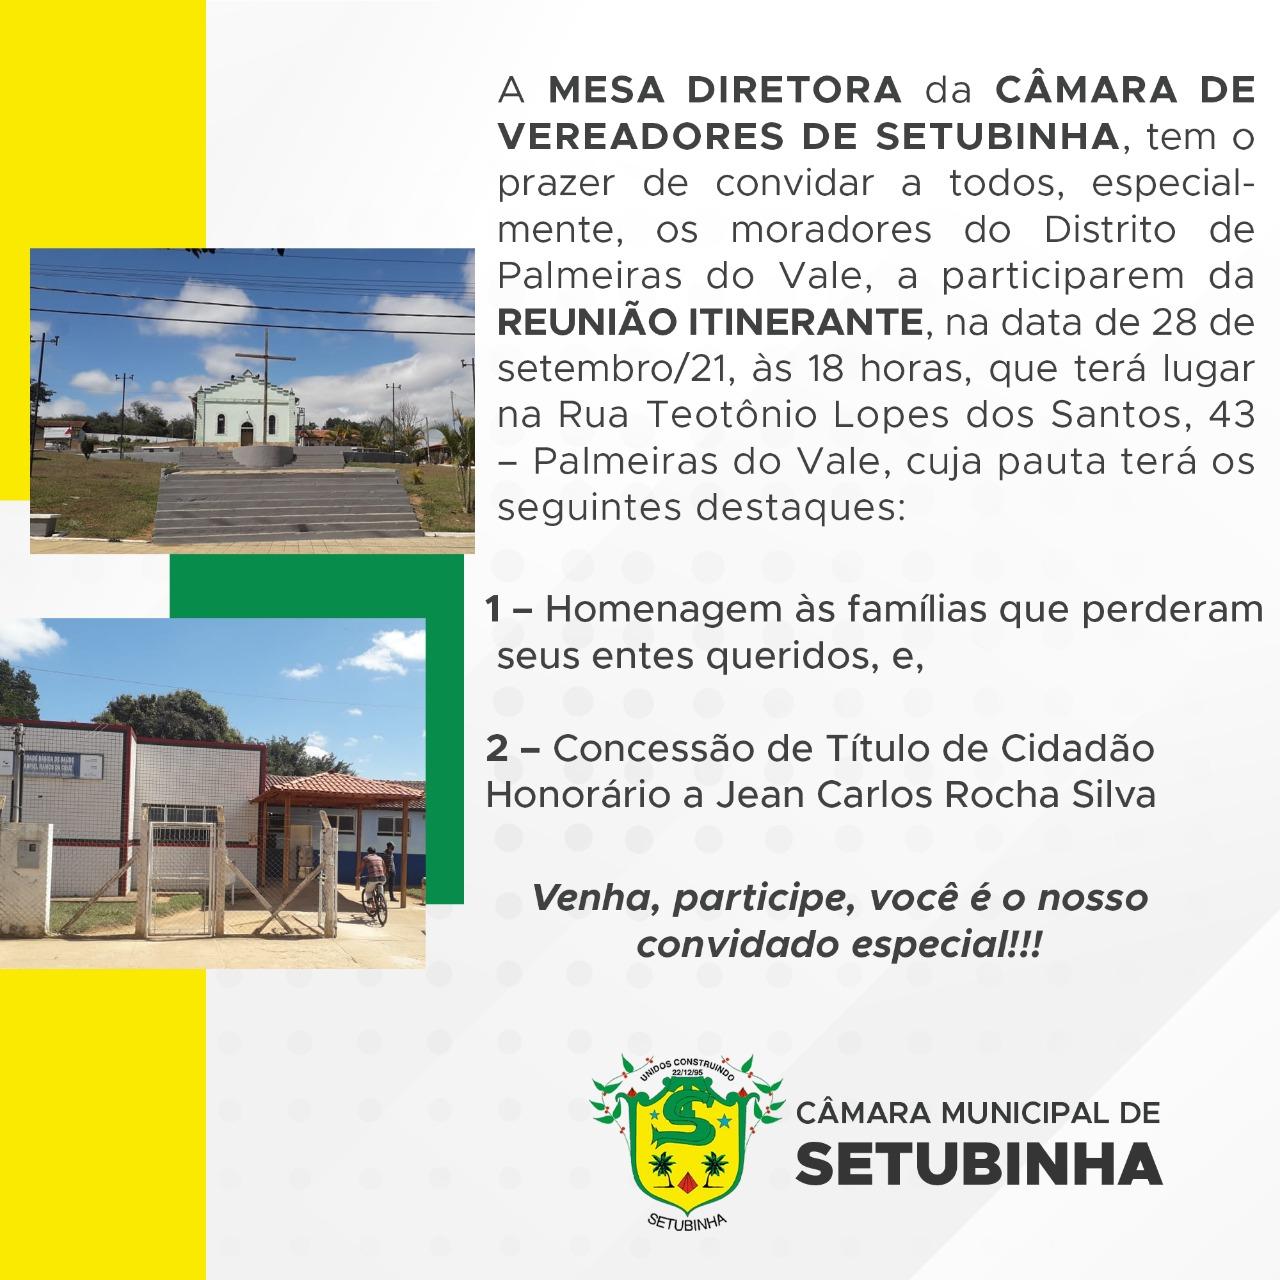 REUNIÃO ITINERANTE